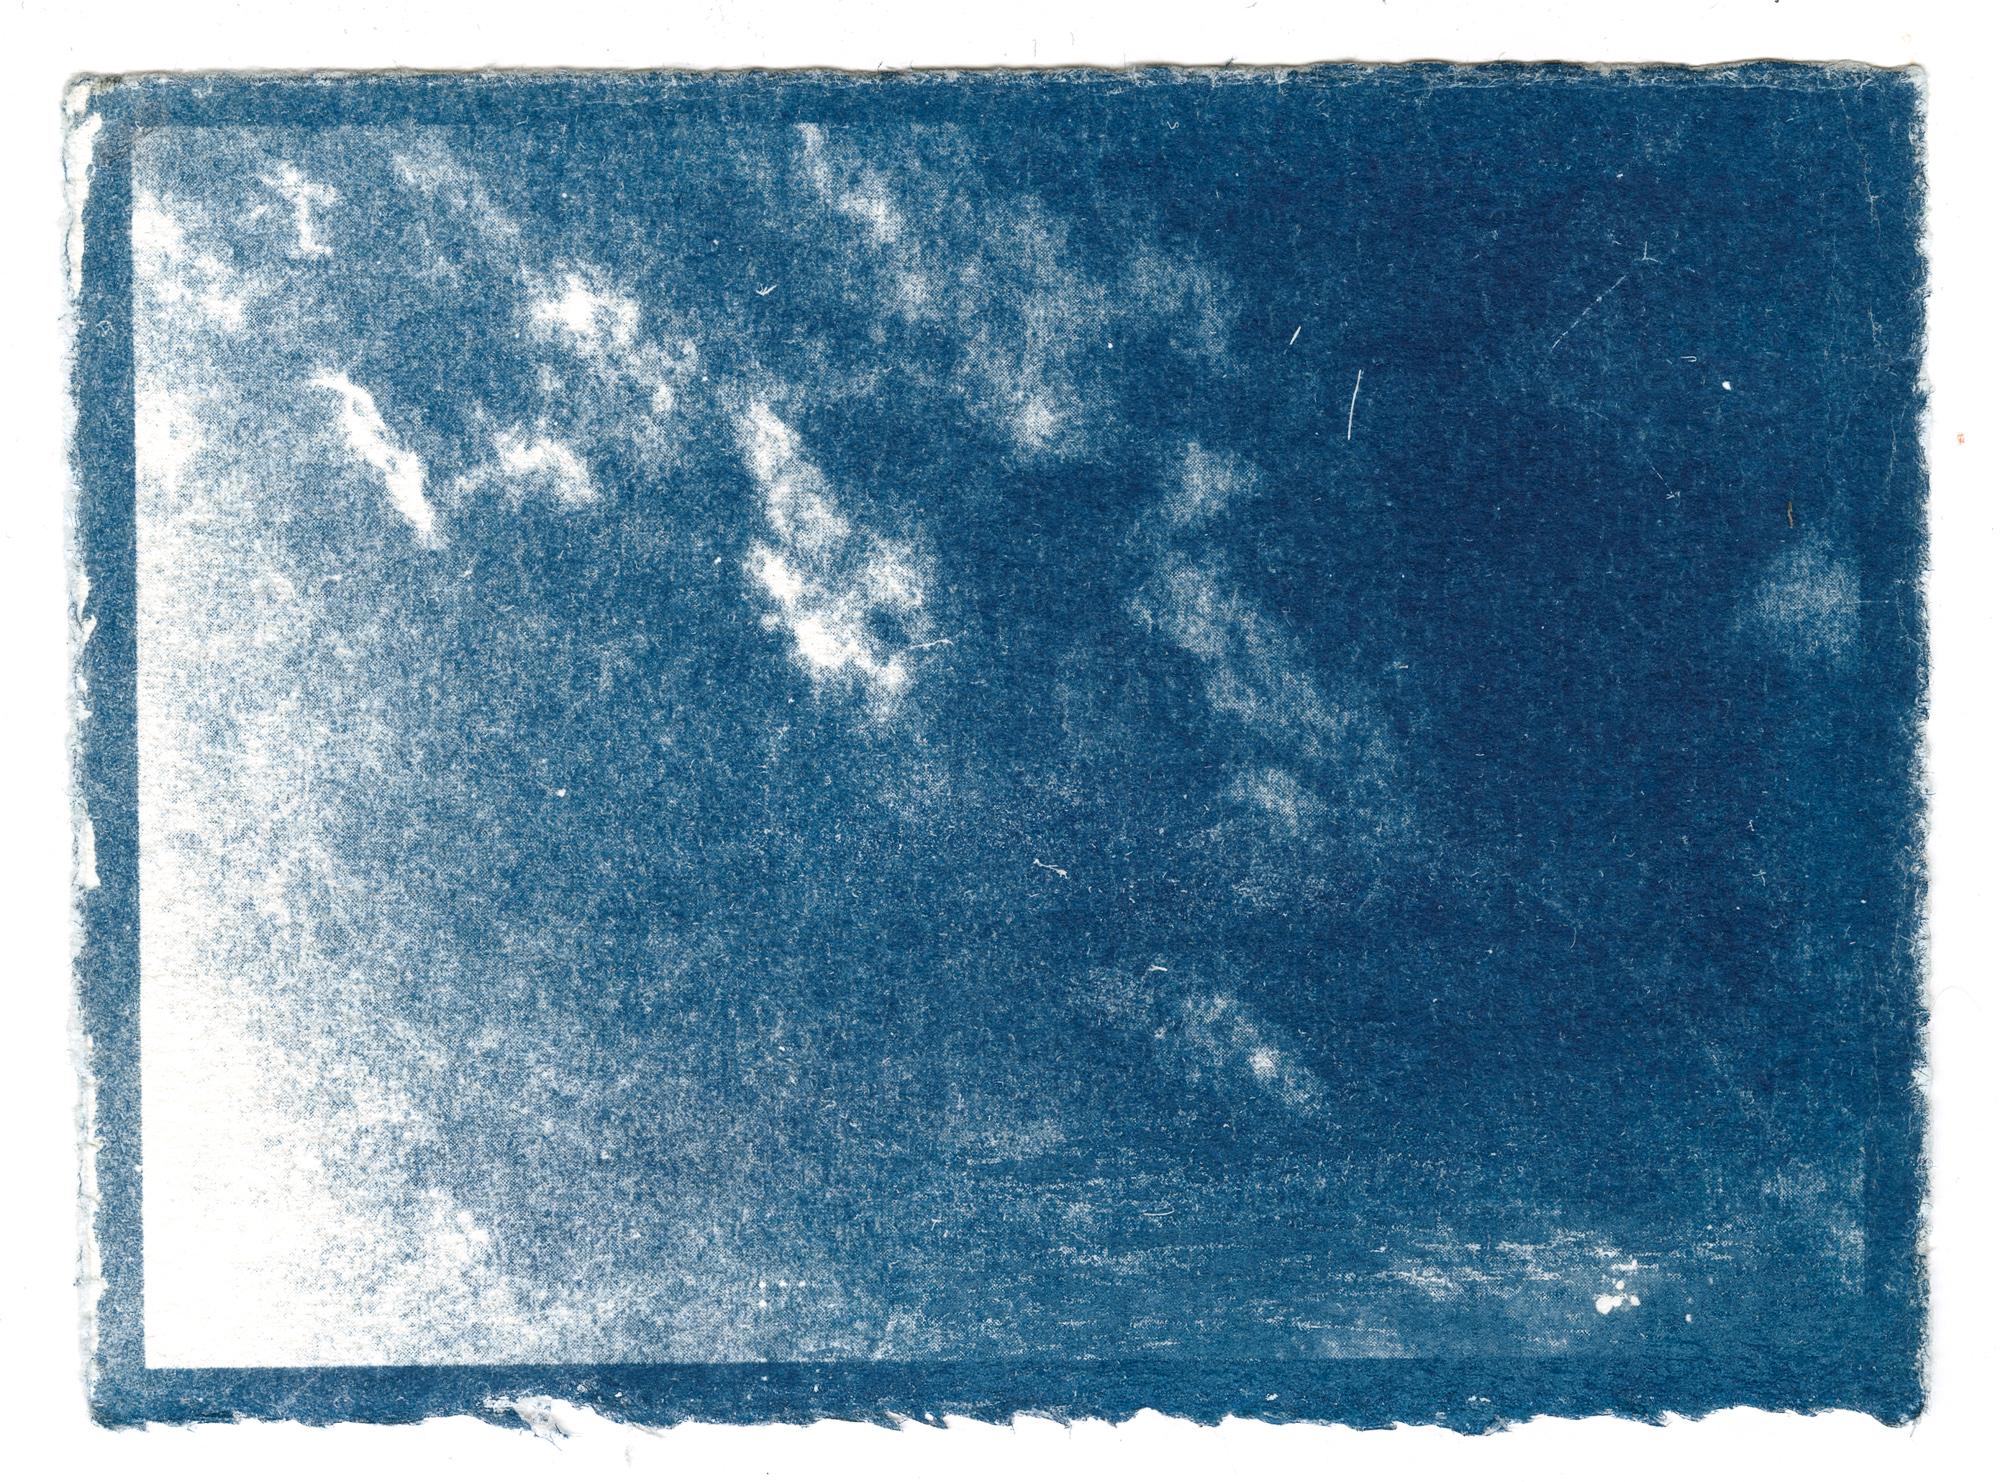 Sky 1 (12).jpg